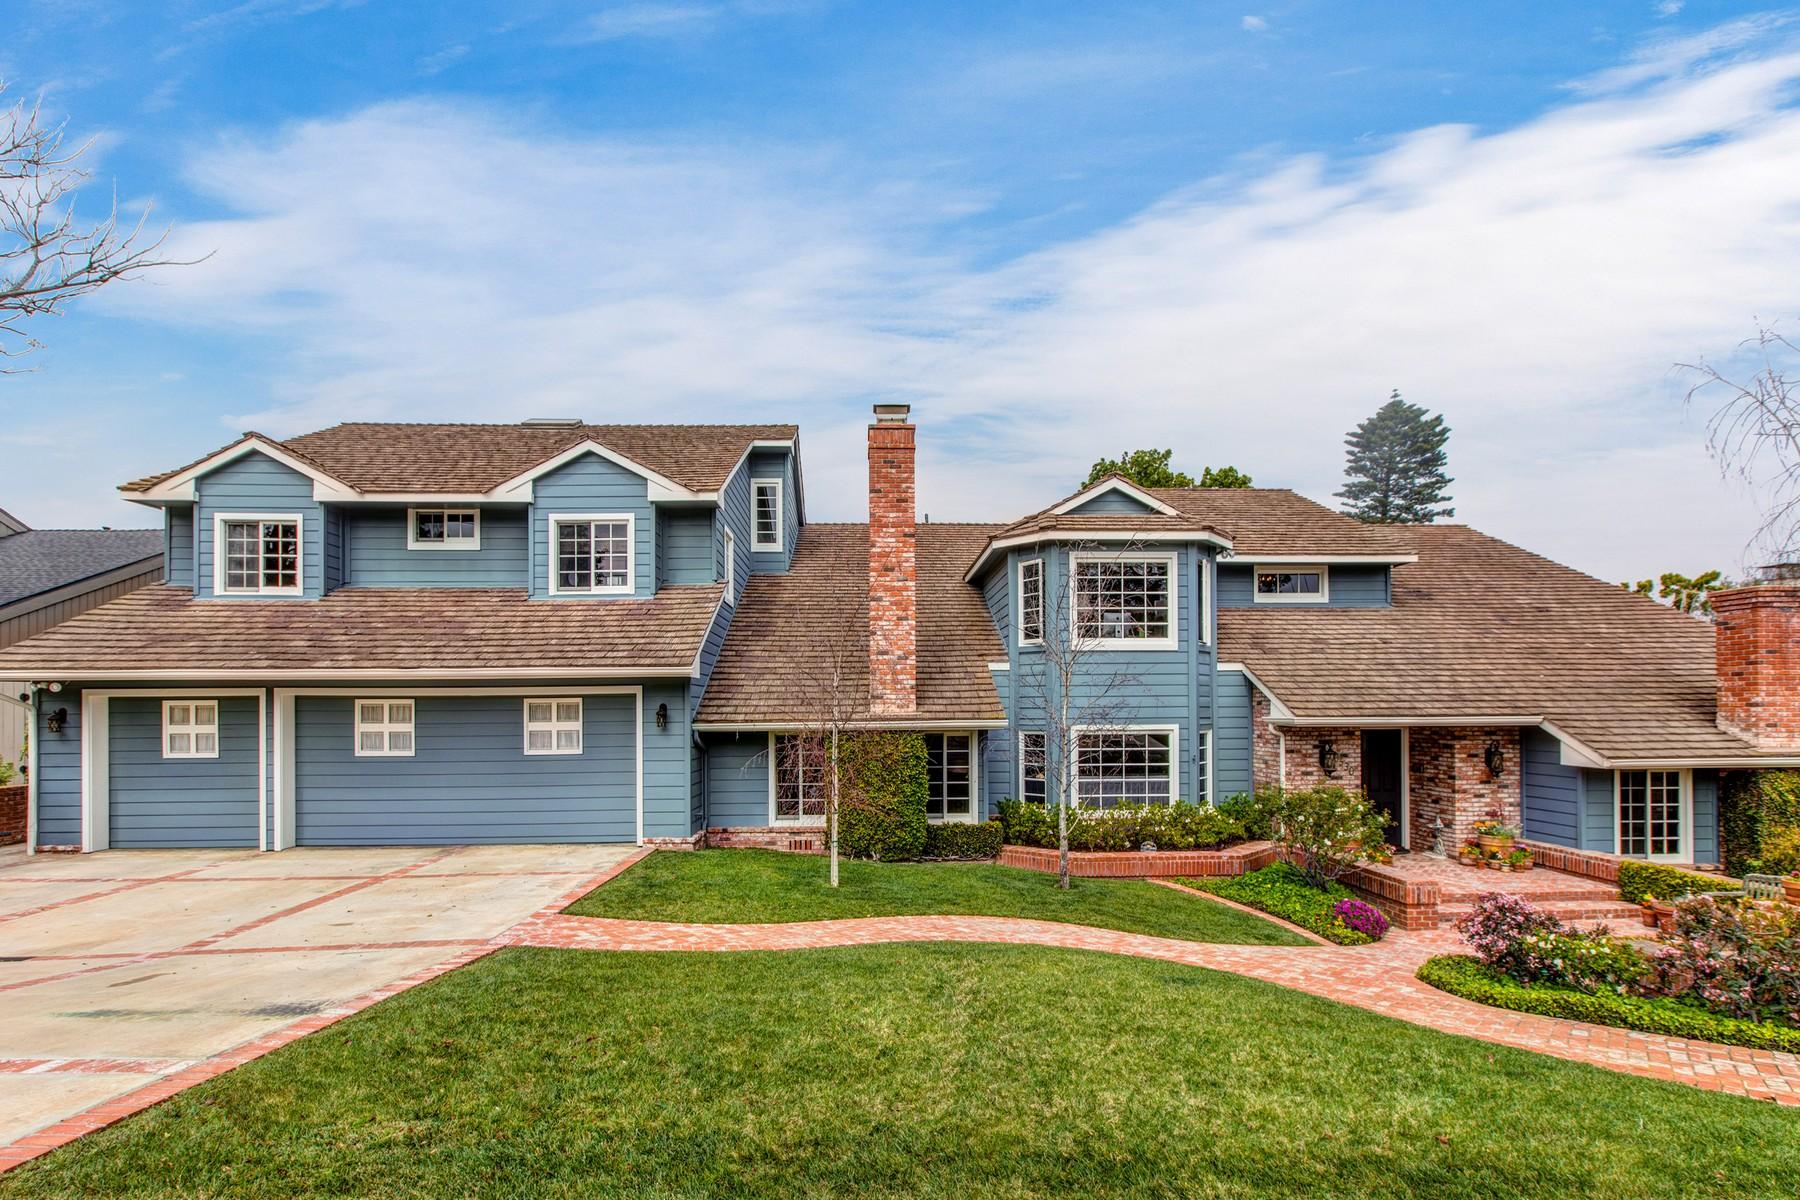 단독 가정 주택 용 매매 에 3530 Silvergate Place Wooded Area, San Diego, 캘리포니아, 92106 미국